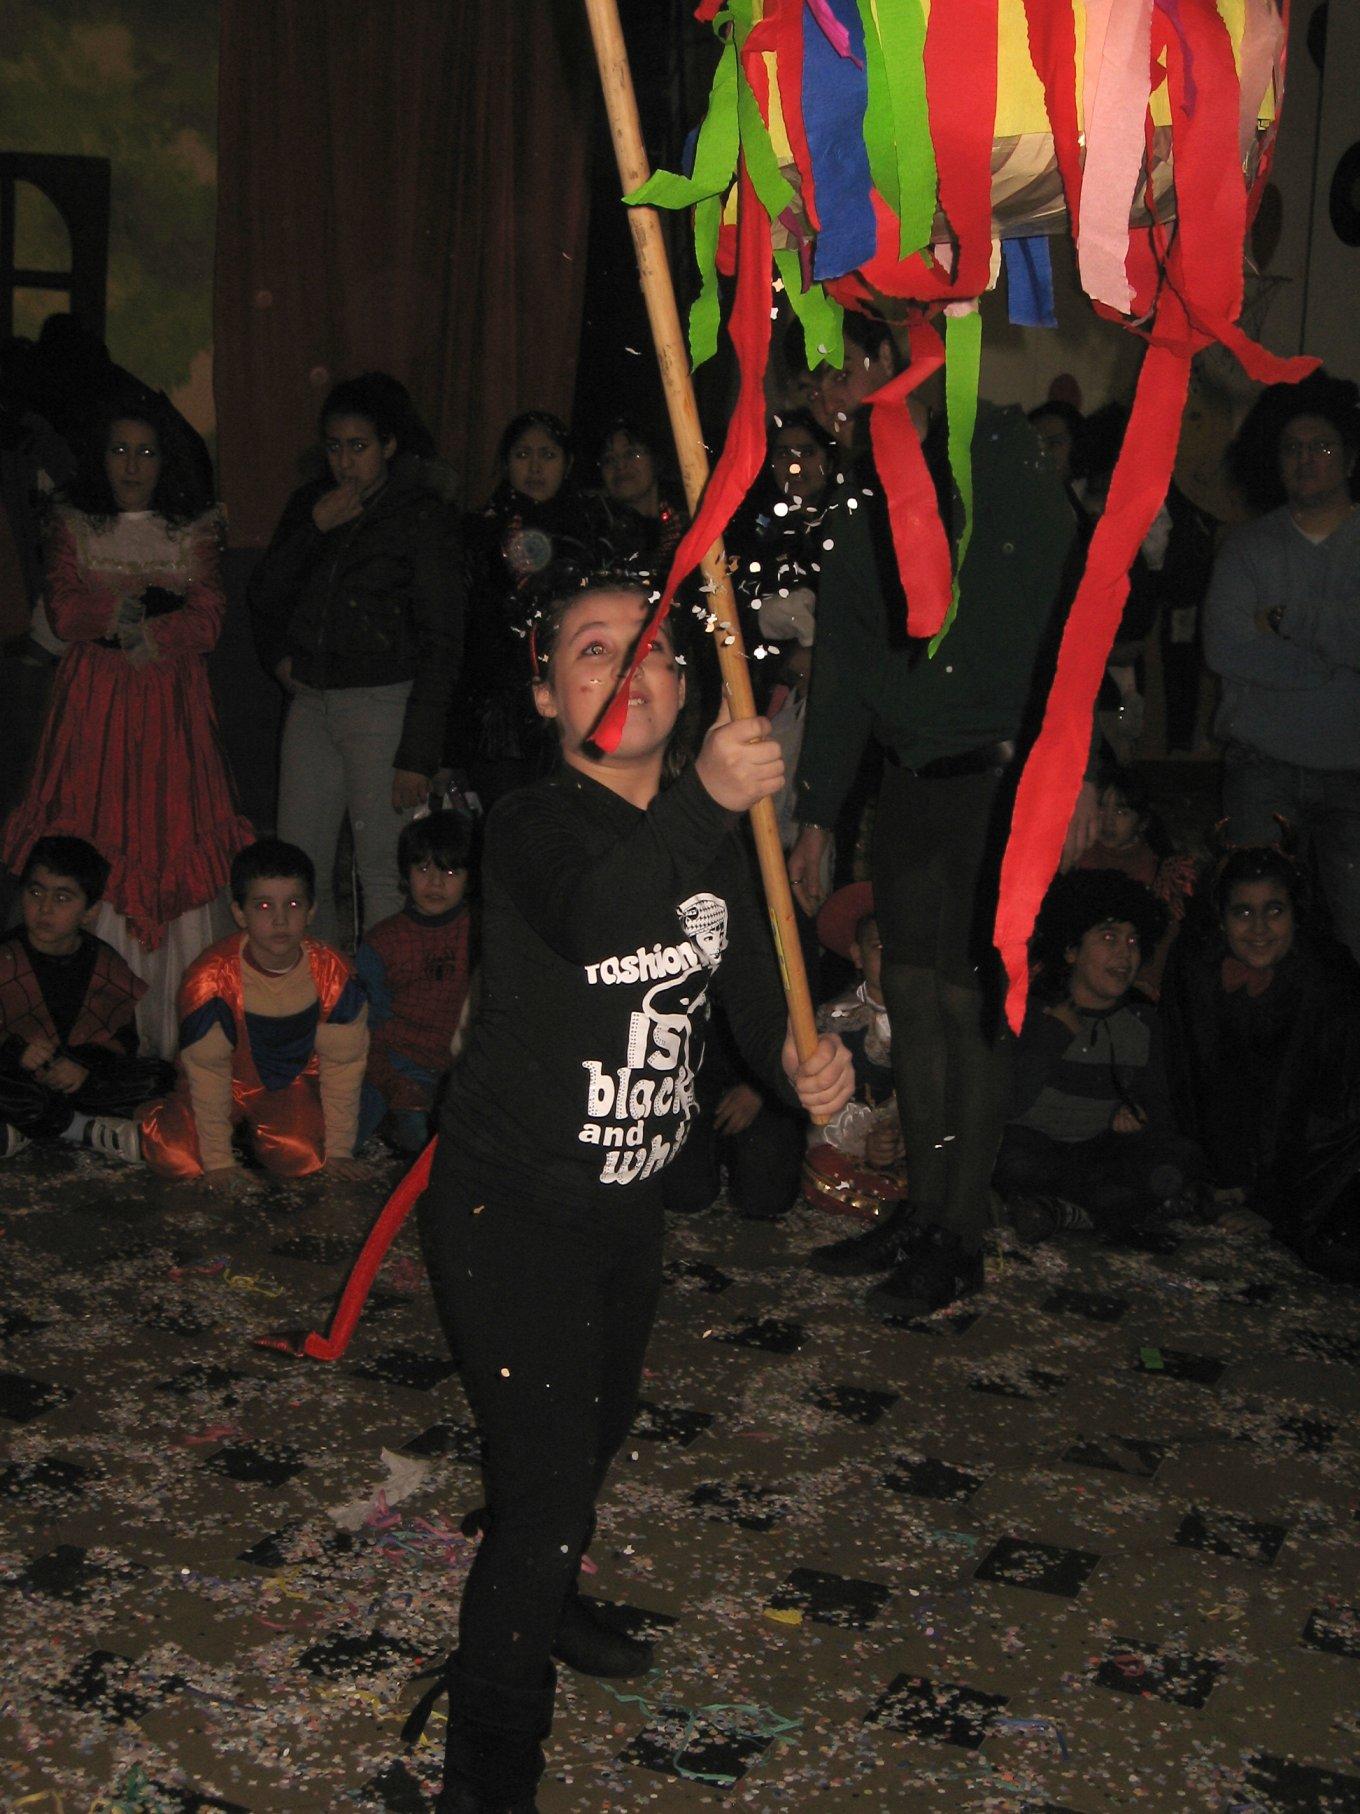 Pentolaccia-2009-02-22--17.18.00.jpg